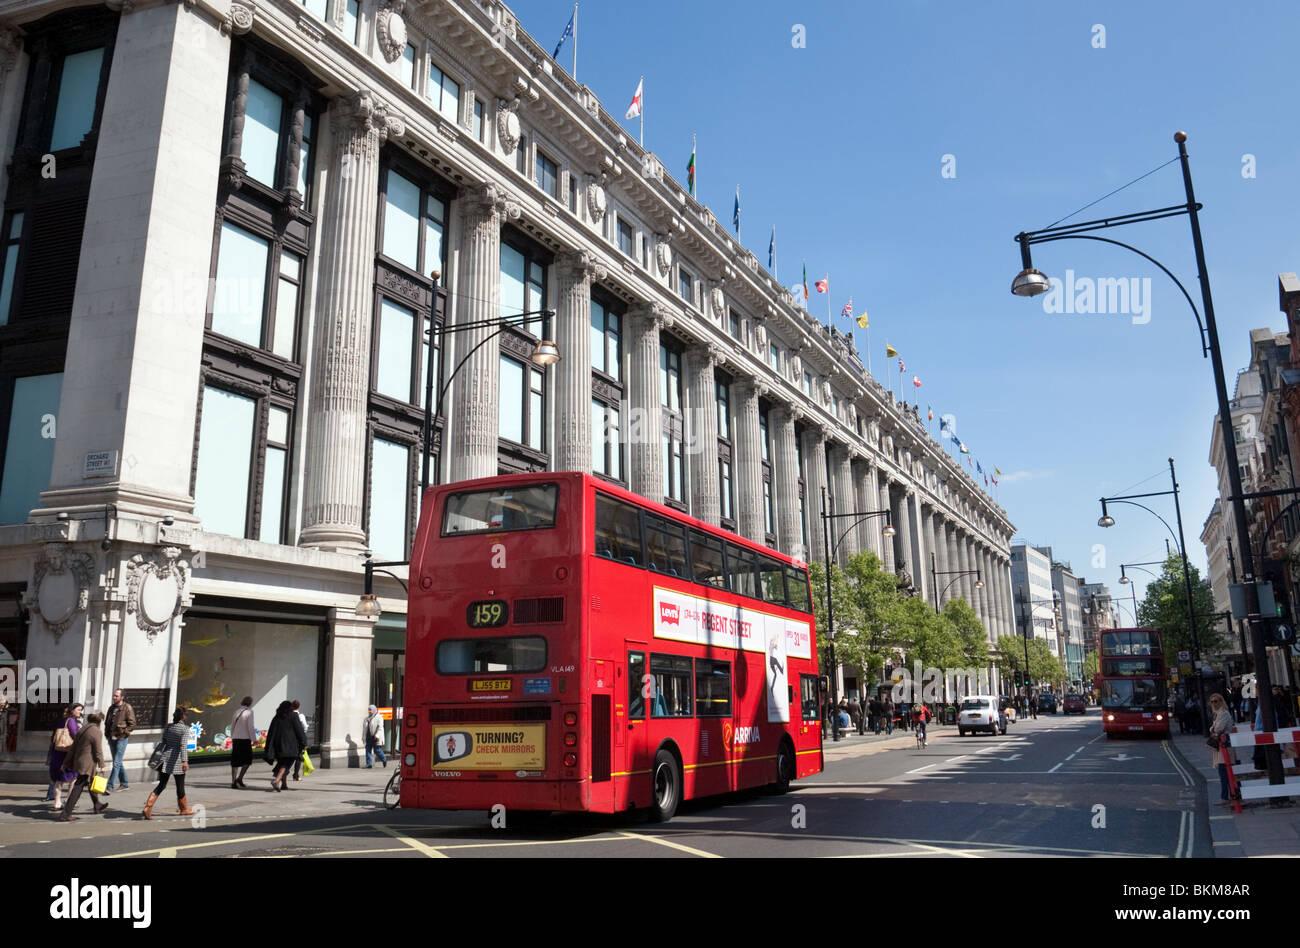 Autobuses tienda Selfridges en un día soleado de verano, Oxford Street, Londres, Reino Unido Foto de stock